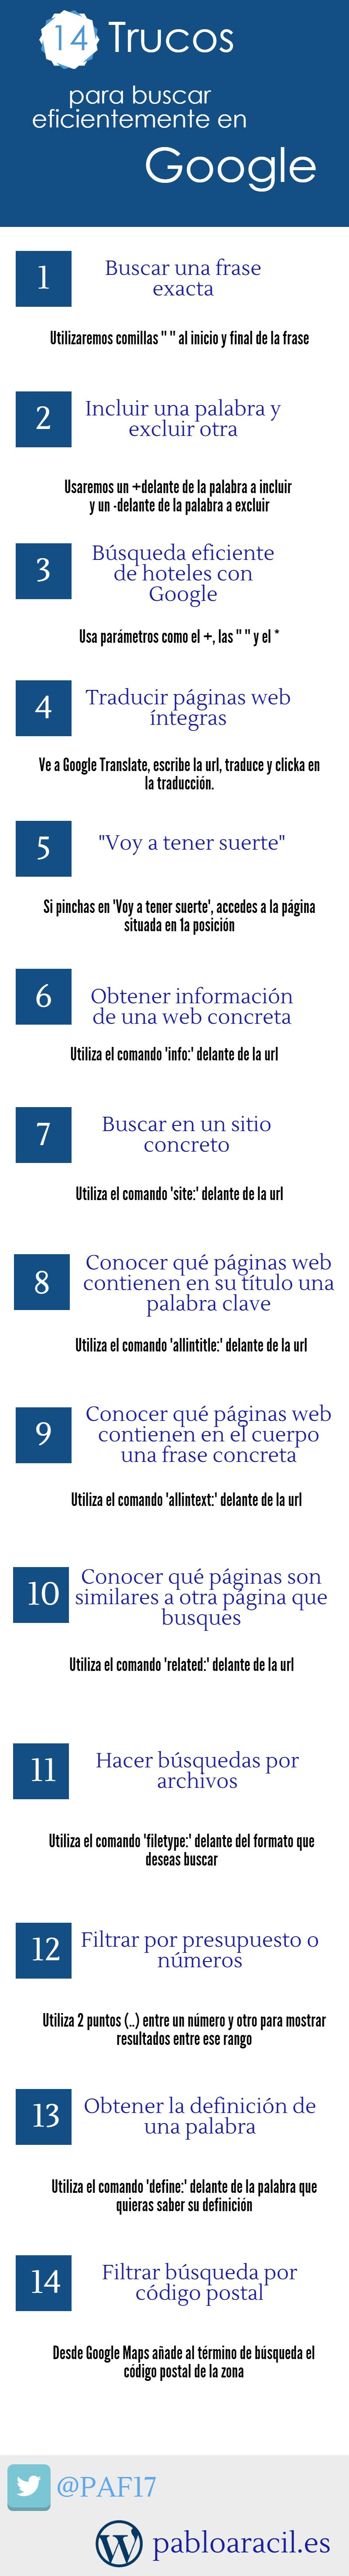 14 trucos para buscar en Google de forma eficiente